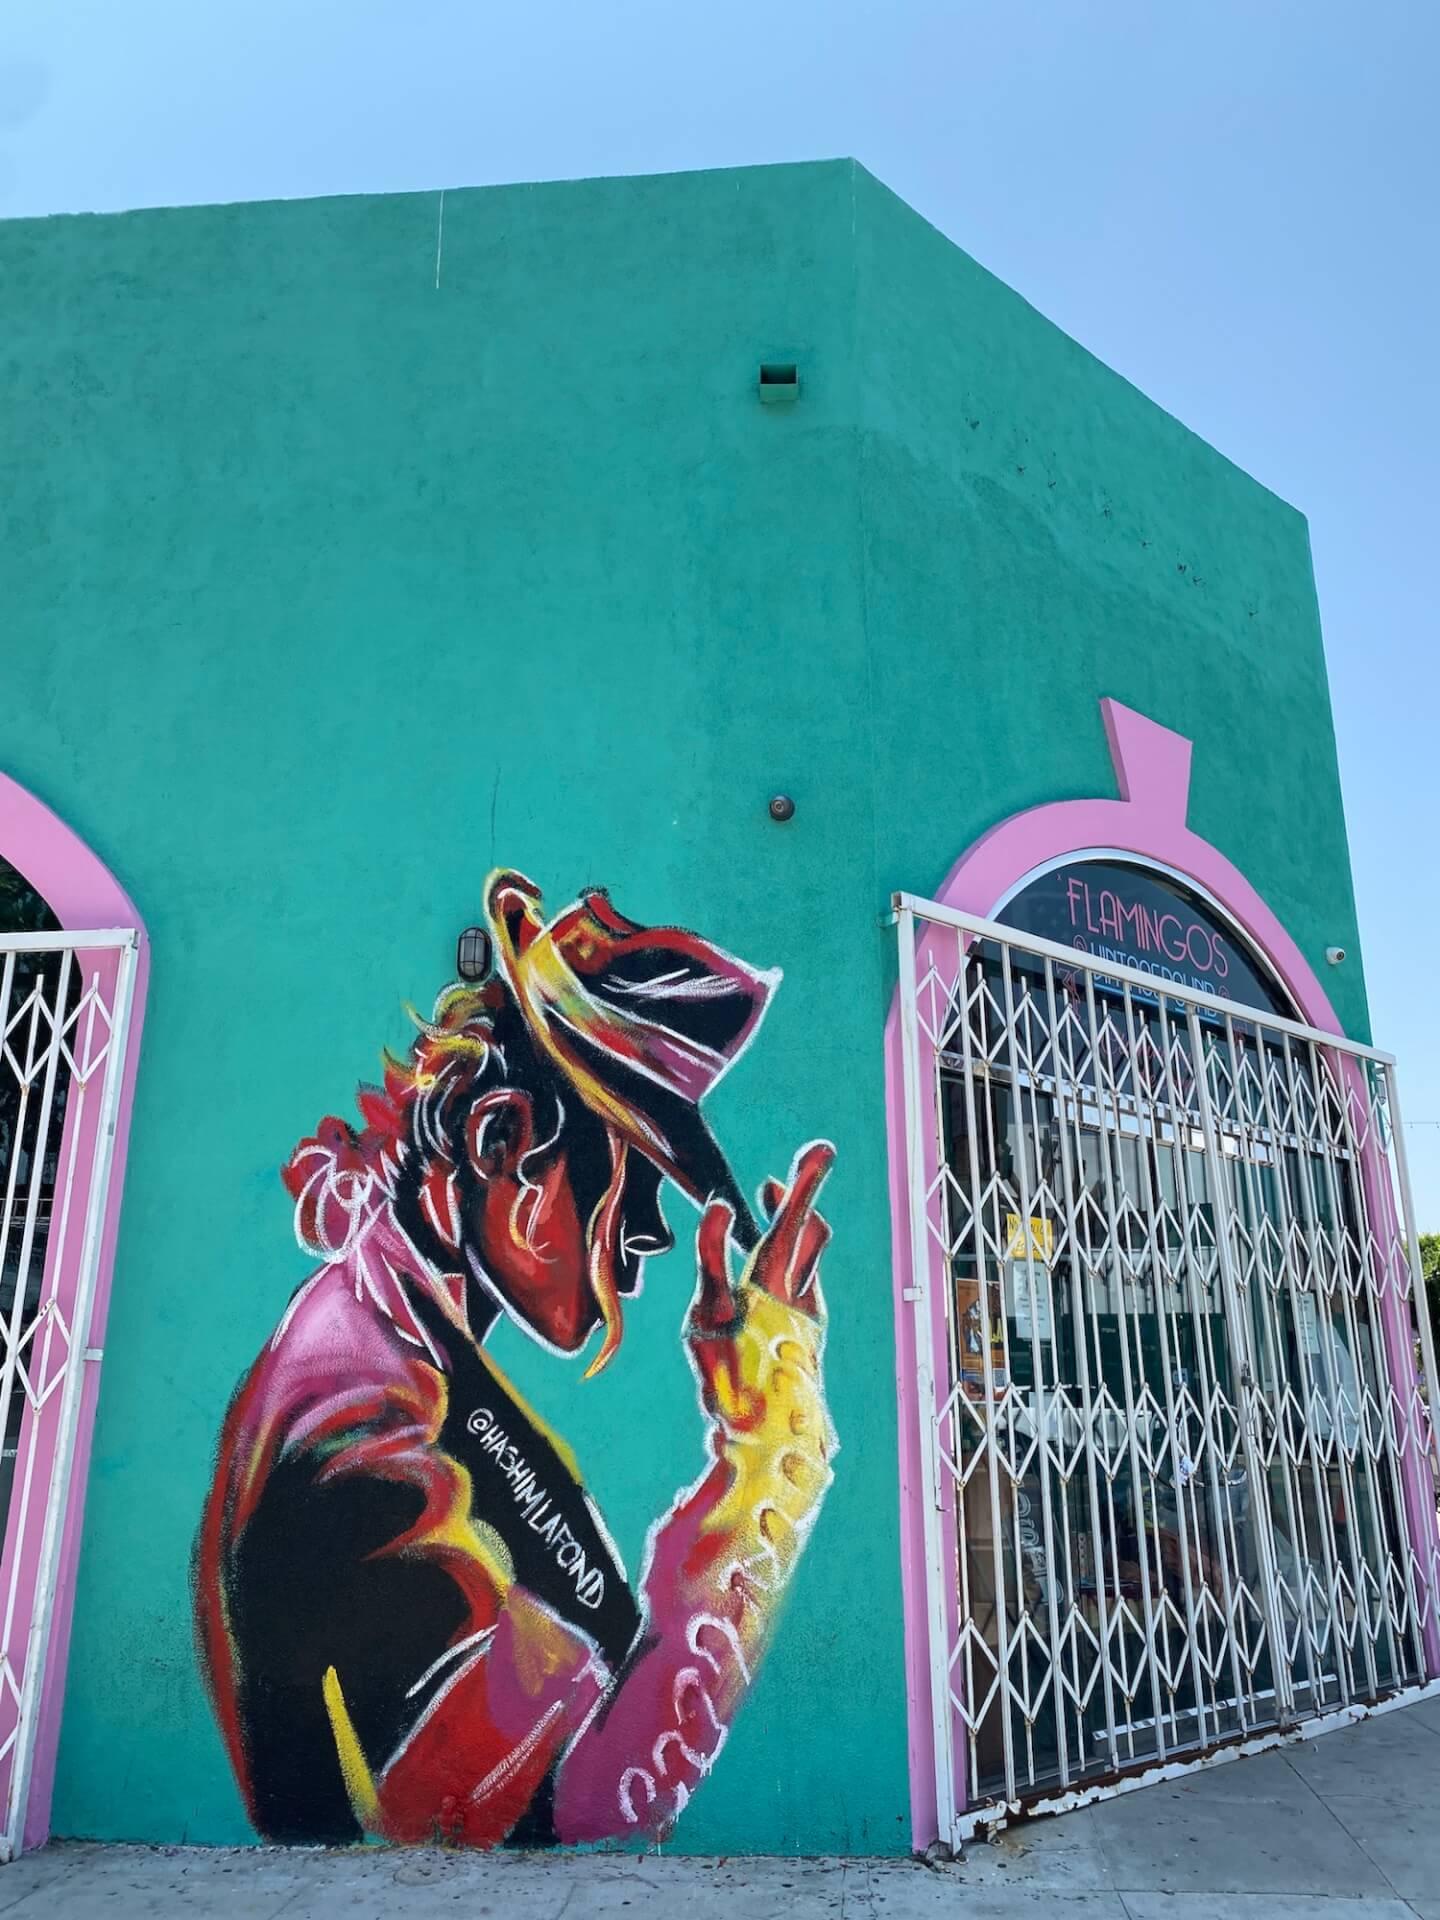 ピース綾部祐二のサンフランシスコ〜LAバイク旅を追う interview2109-yuji-ayabe-LA-31